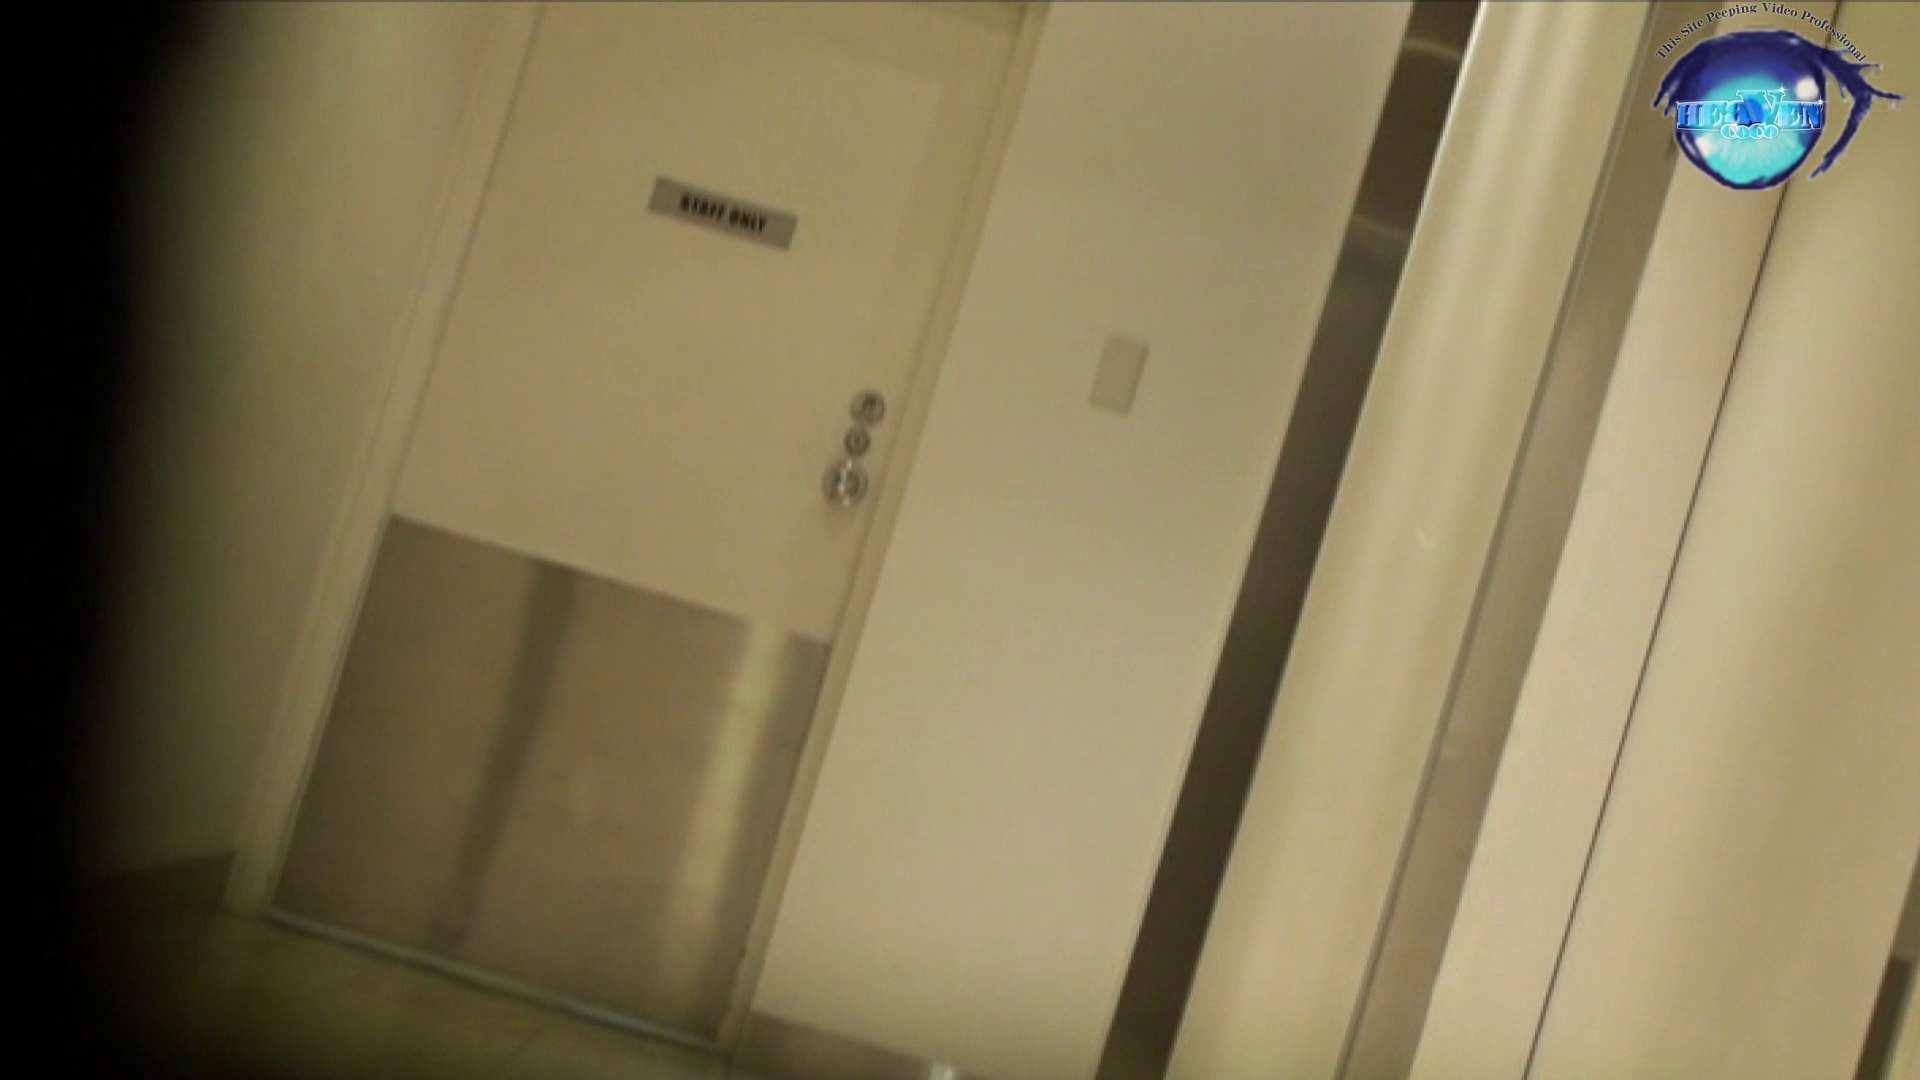 飛び出す黄金水!!!アトレ潜入 かわや盗撮 vol.07 投稿 すけべAV動画紹介 113PIX 30